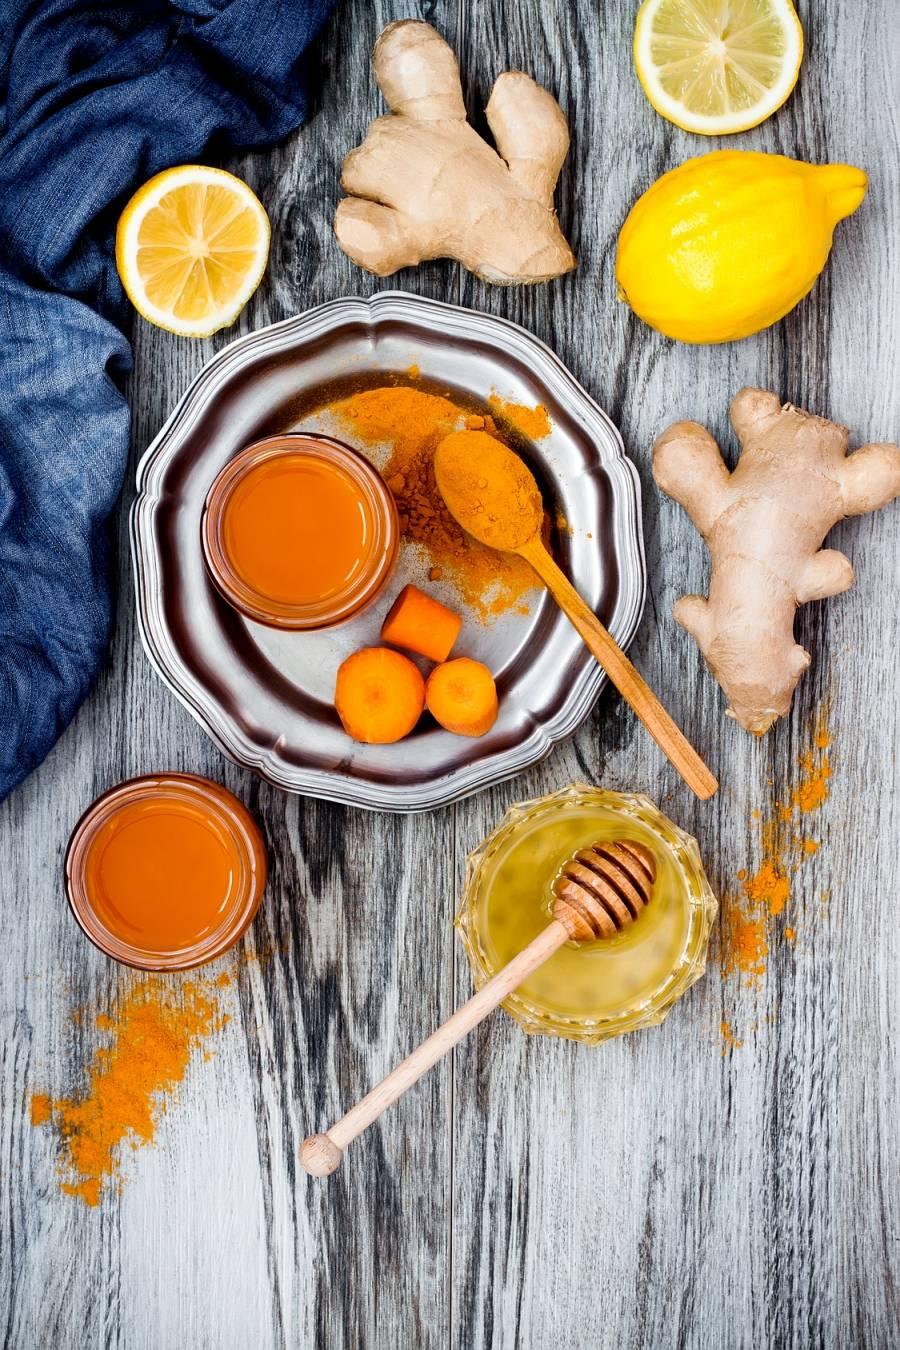 Przepis na sok z turbodoładowaniem z marchewki, brzoskwini, pomarańczy, kurkumy i oliwy.